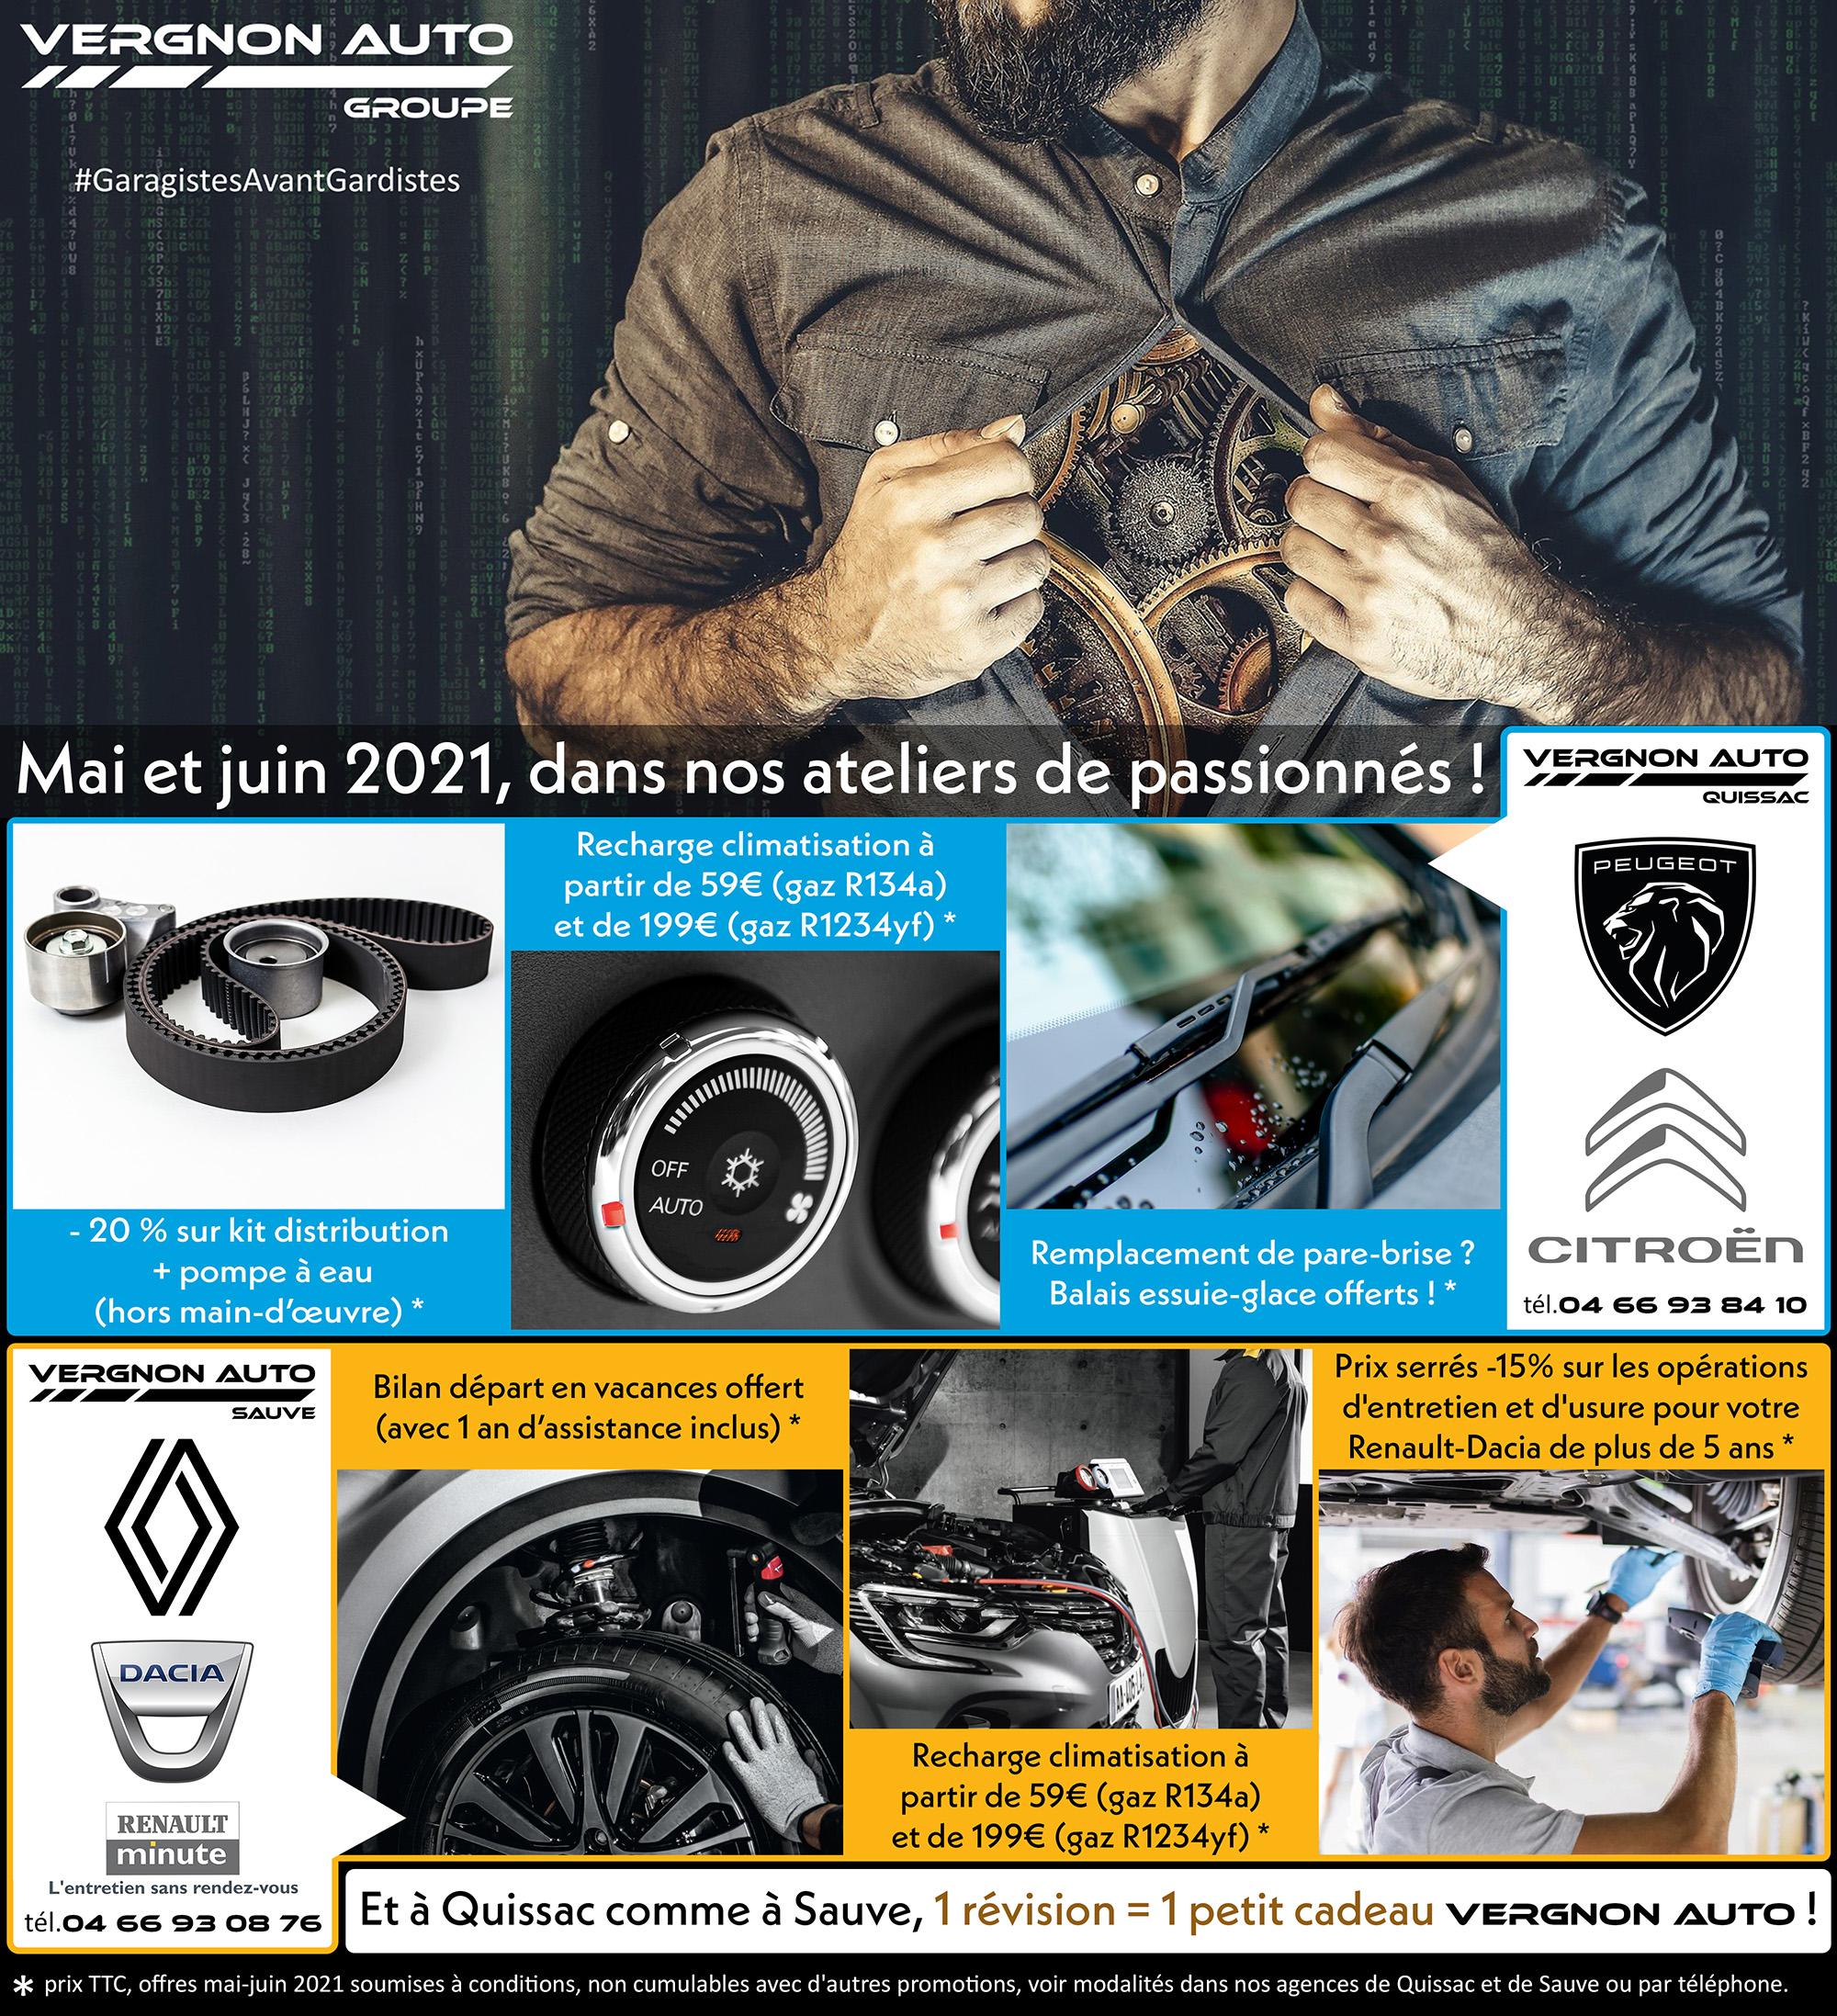 Renault-Dacia Sauve, Peugeot-Citroën Quissac, promotions ateliers mai juin 2021